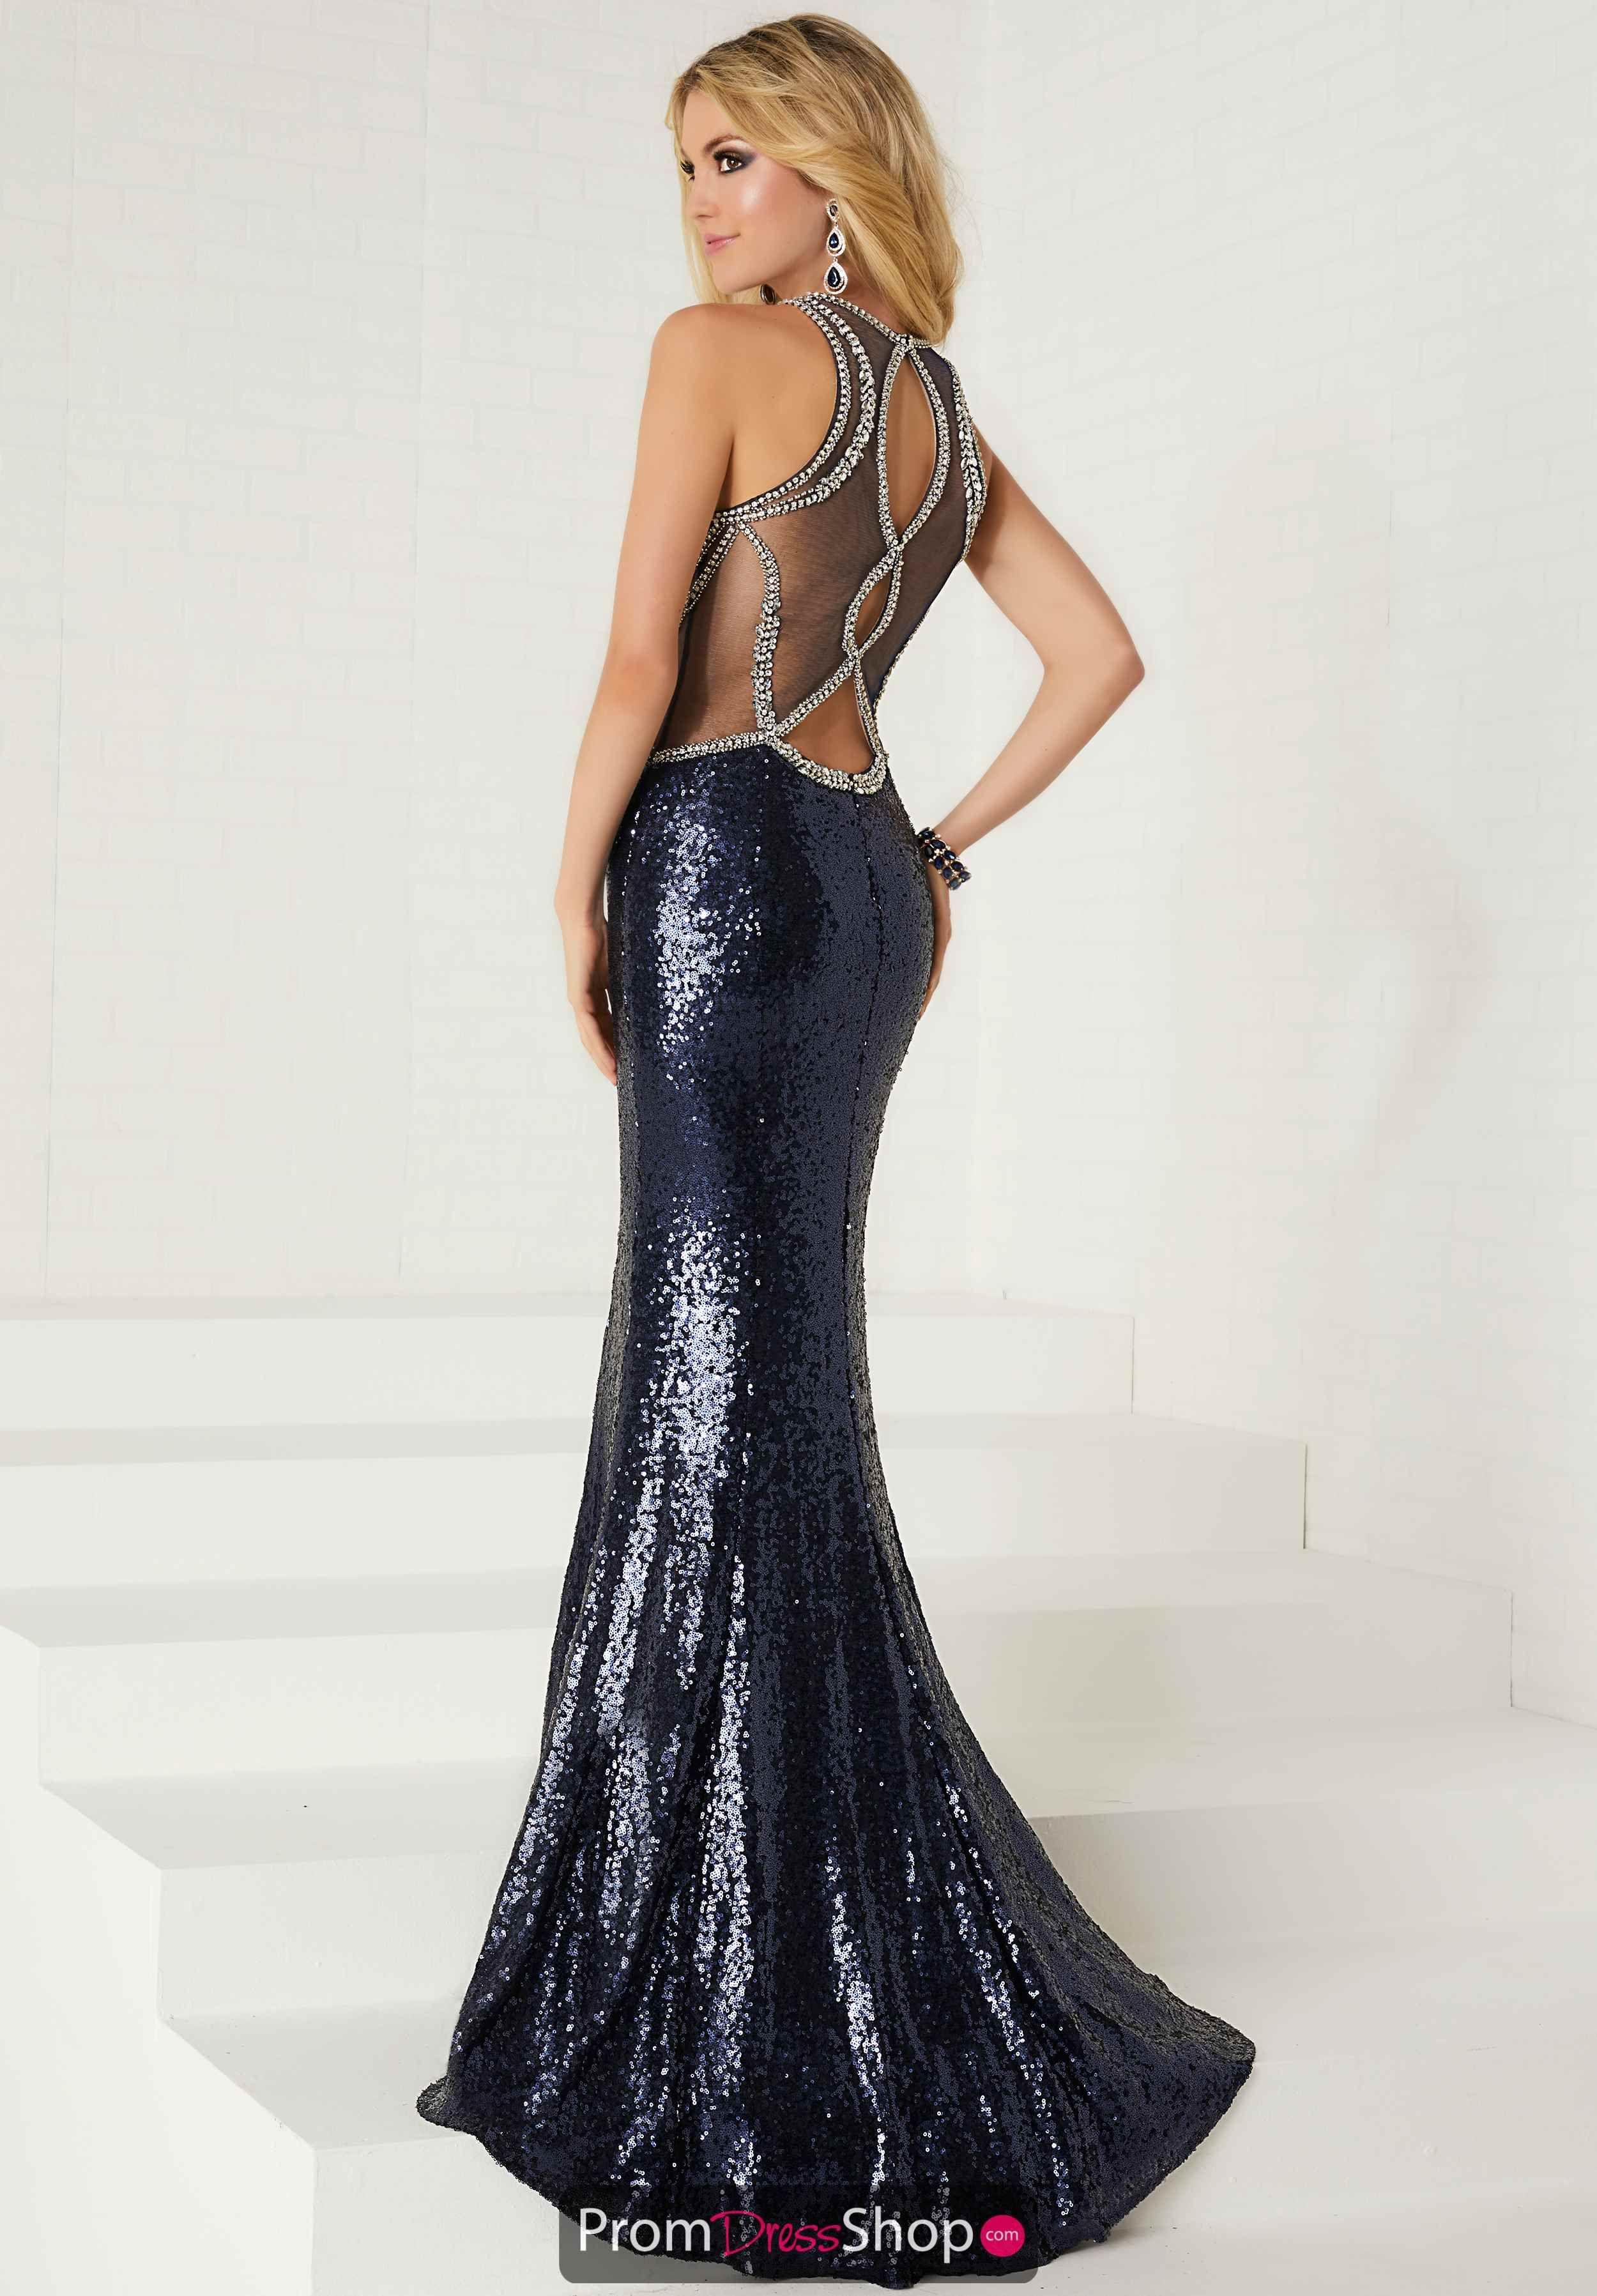 Tiffany Prom Dresses Tiffany Designs Prom Dress Mermaid Gown Dresses [ 3594 x 2500 Pixel ]